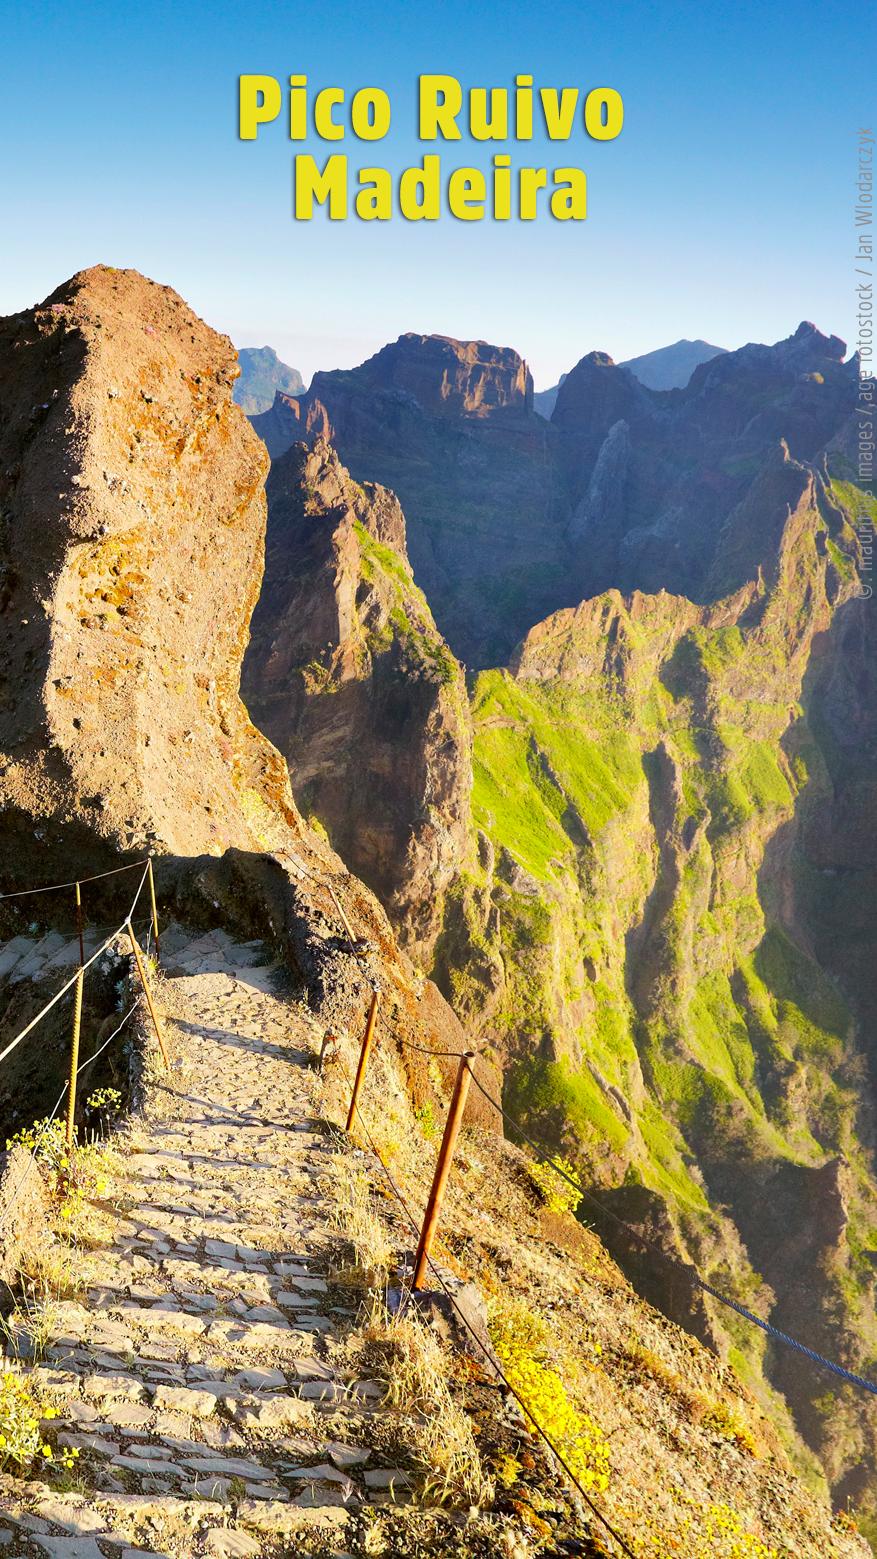 Pico Ruivo, Madeira, Portugal. Wer bis zum Gipfel des Pico Ruivo wandern will, sollte Ausdauer und Schwindelfreiheit mitbringen. Belohnt werden Wanderer dafür mit einer spektakulären Aussicht über die wilde Natur von Madeira. #portugal